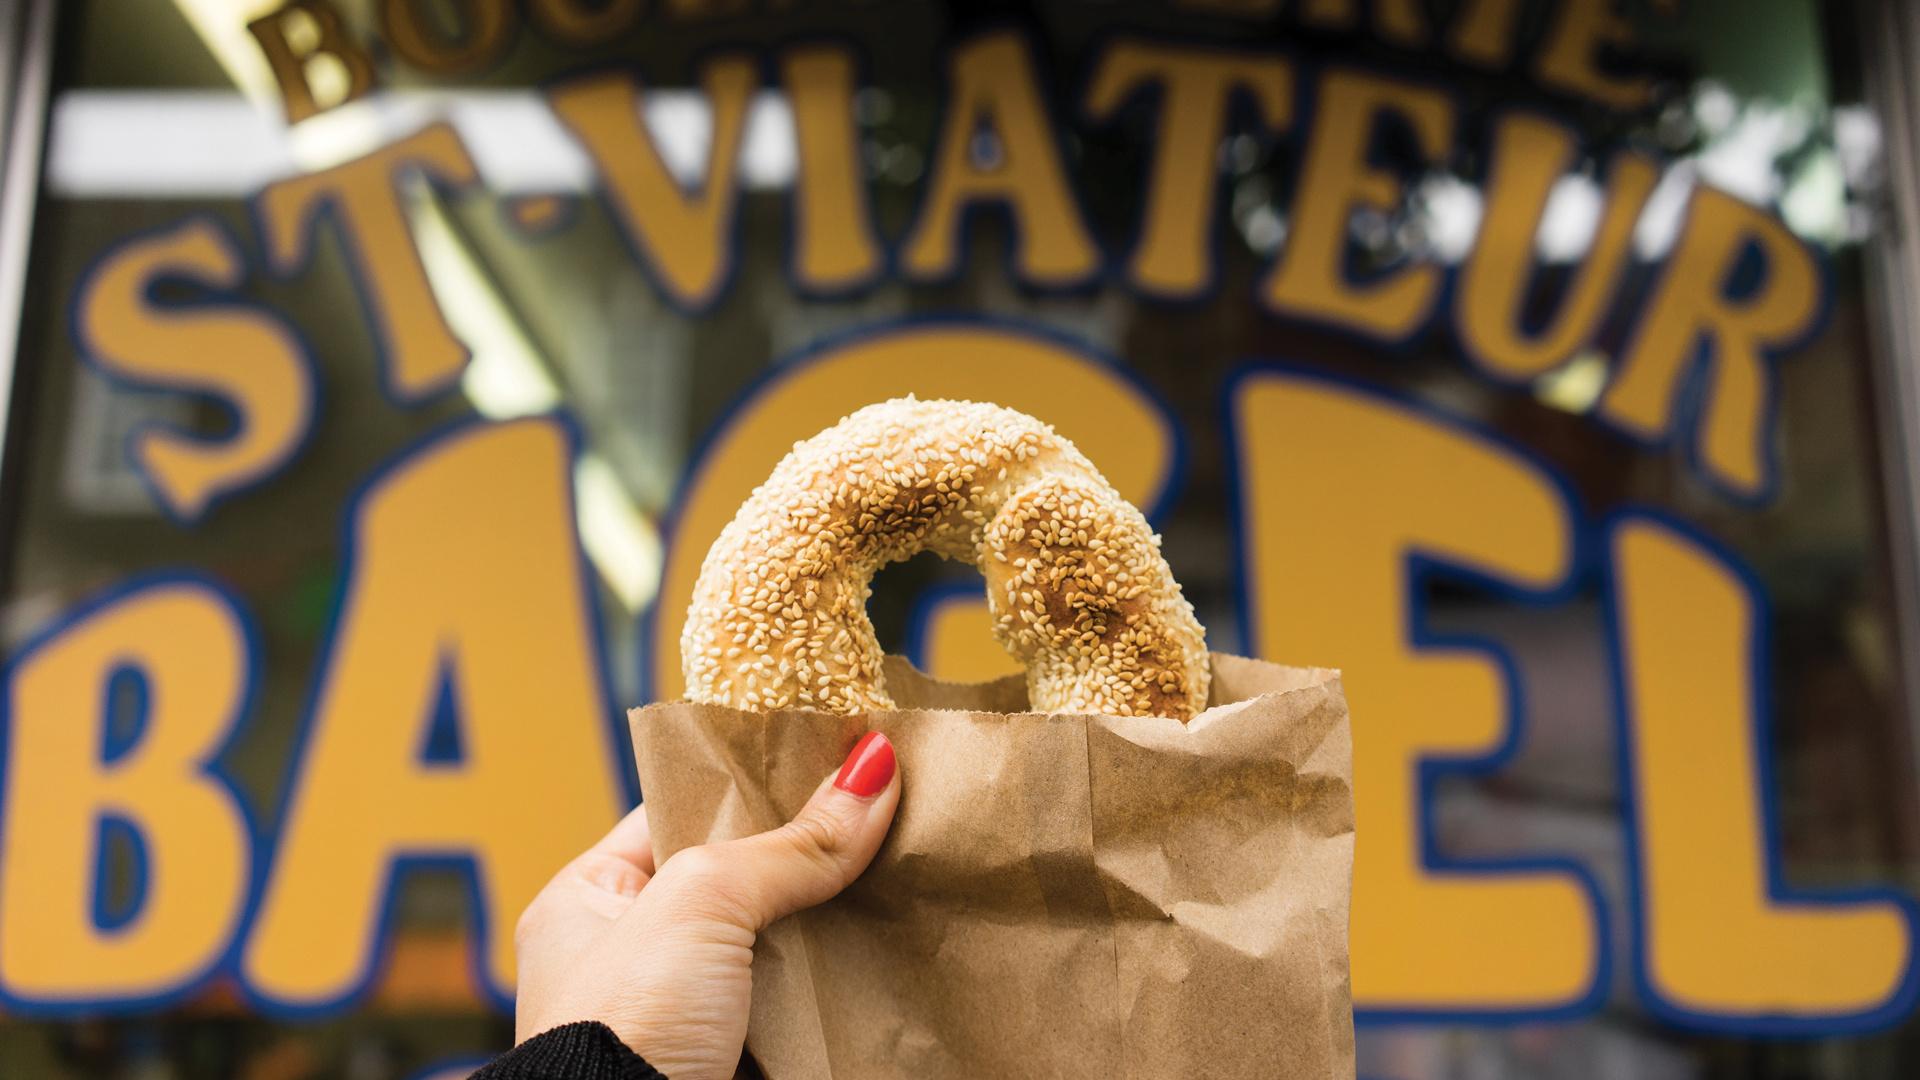 Montreal bagels | A bagel held up outside of St-Viateur Bagel